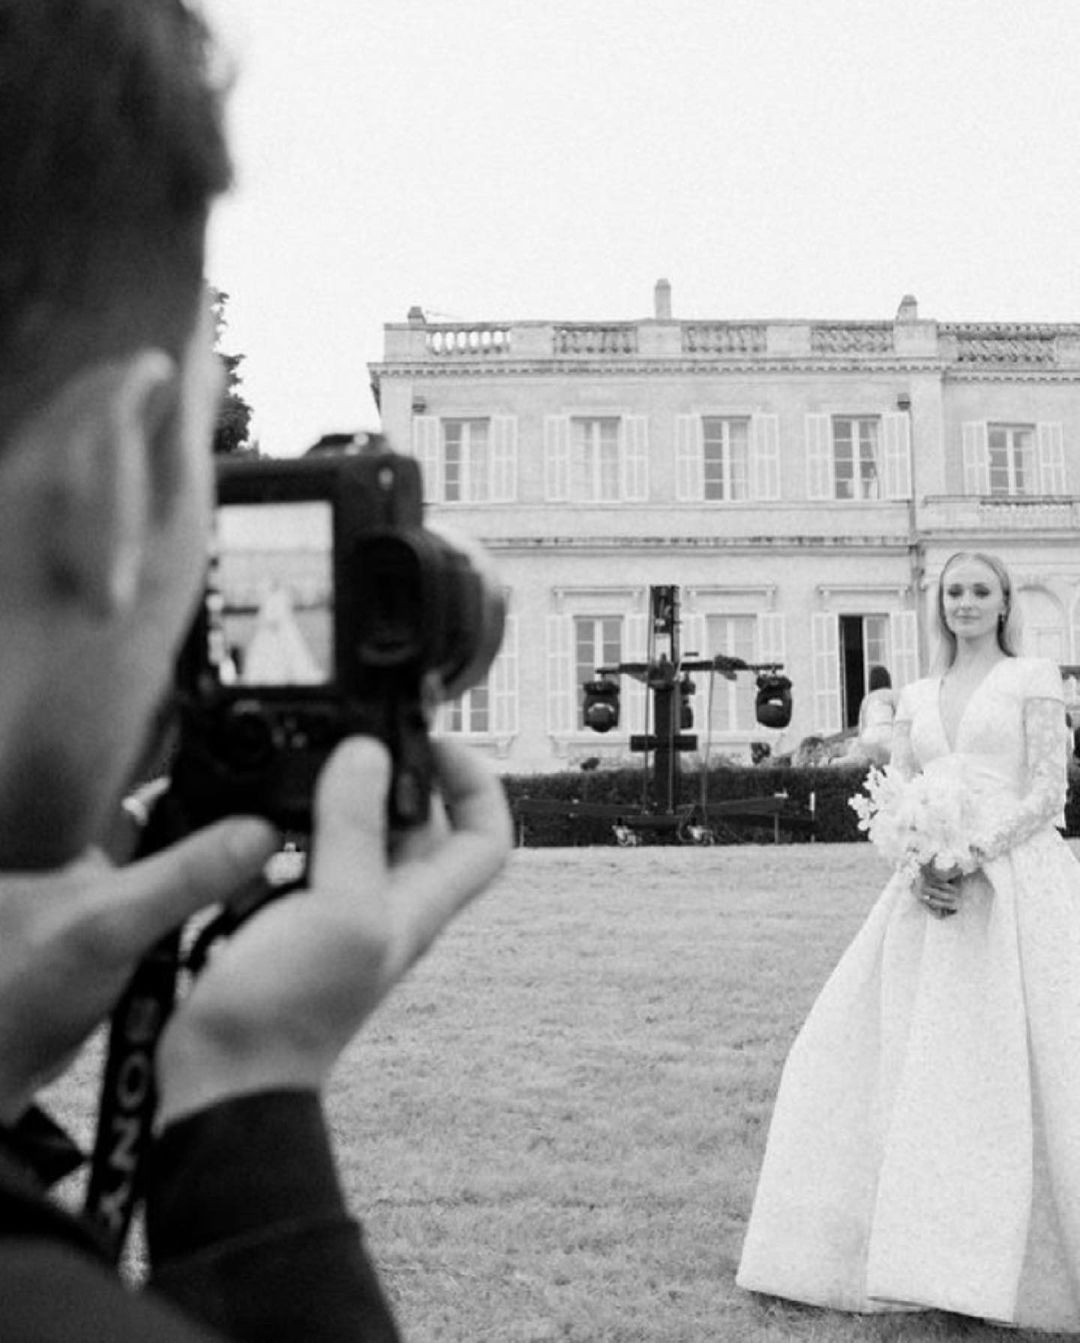 Софи Тернер показала новые фото со свадьбы в честь второй годовщины